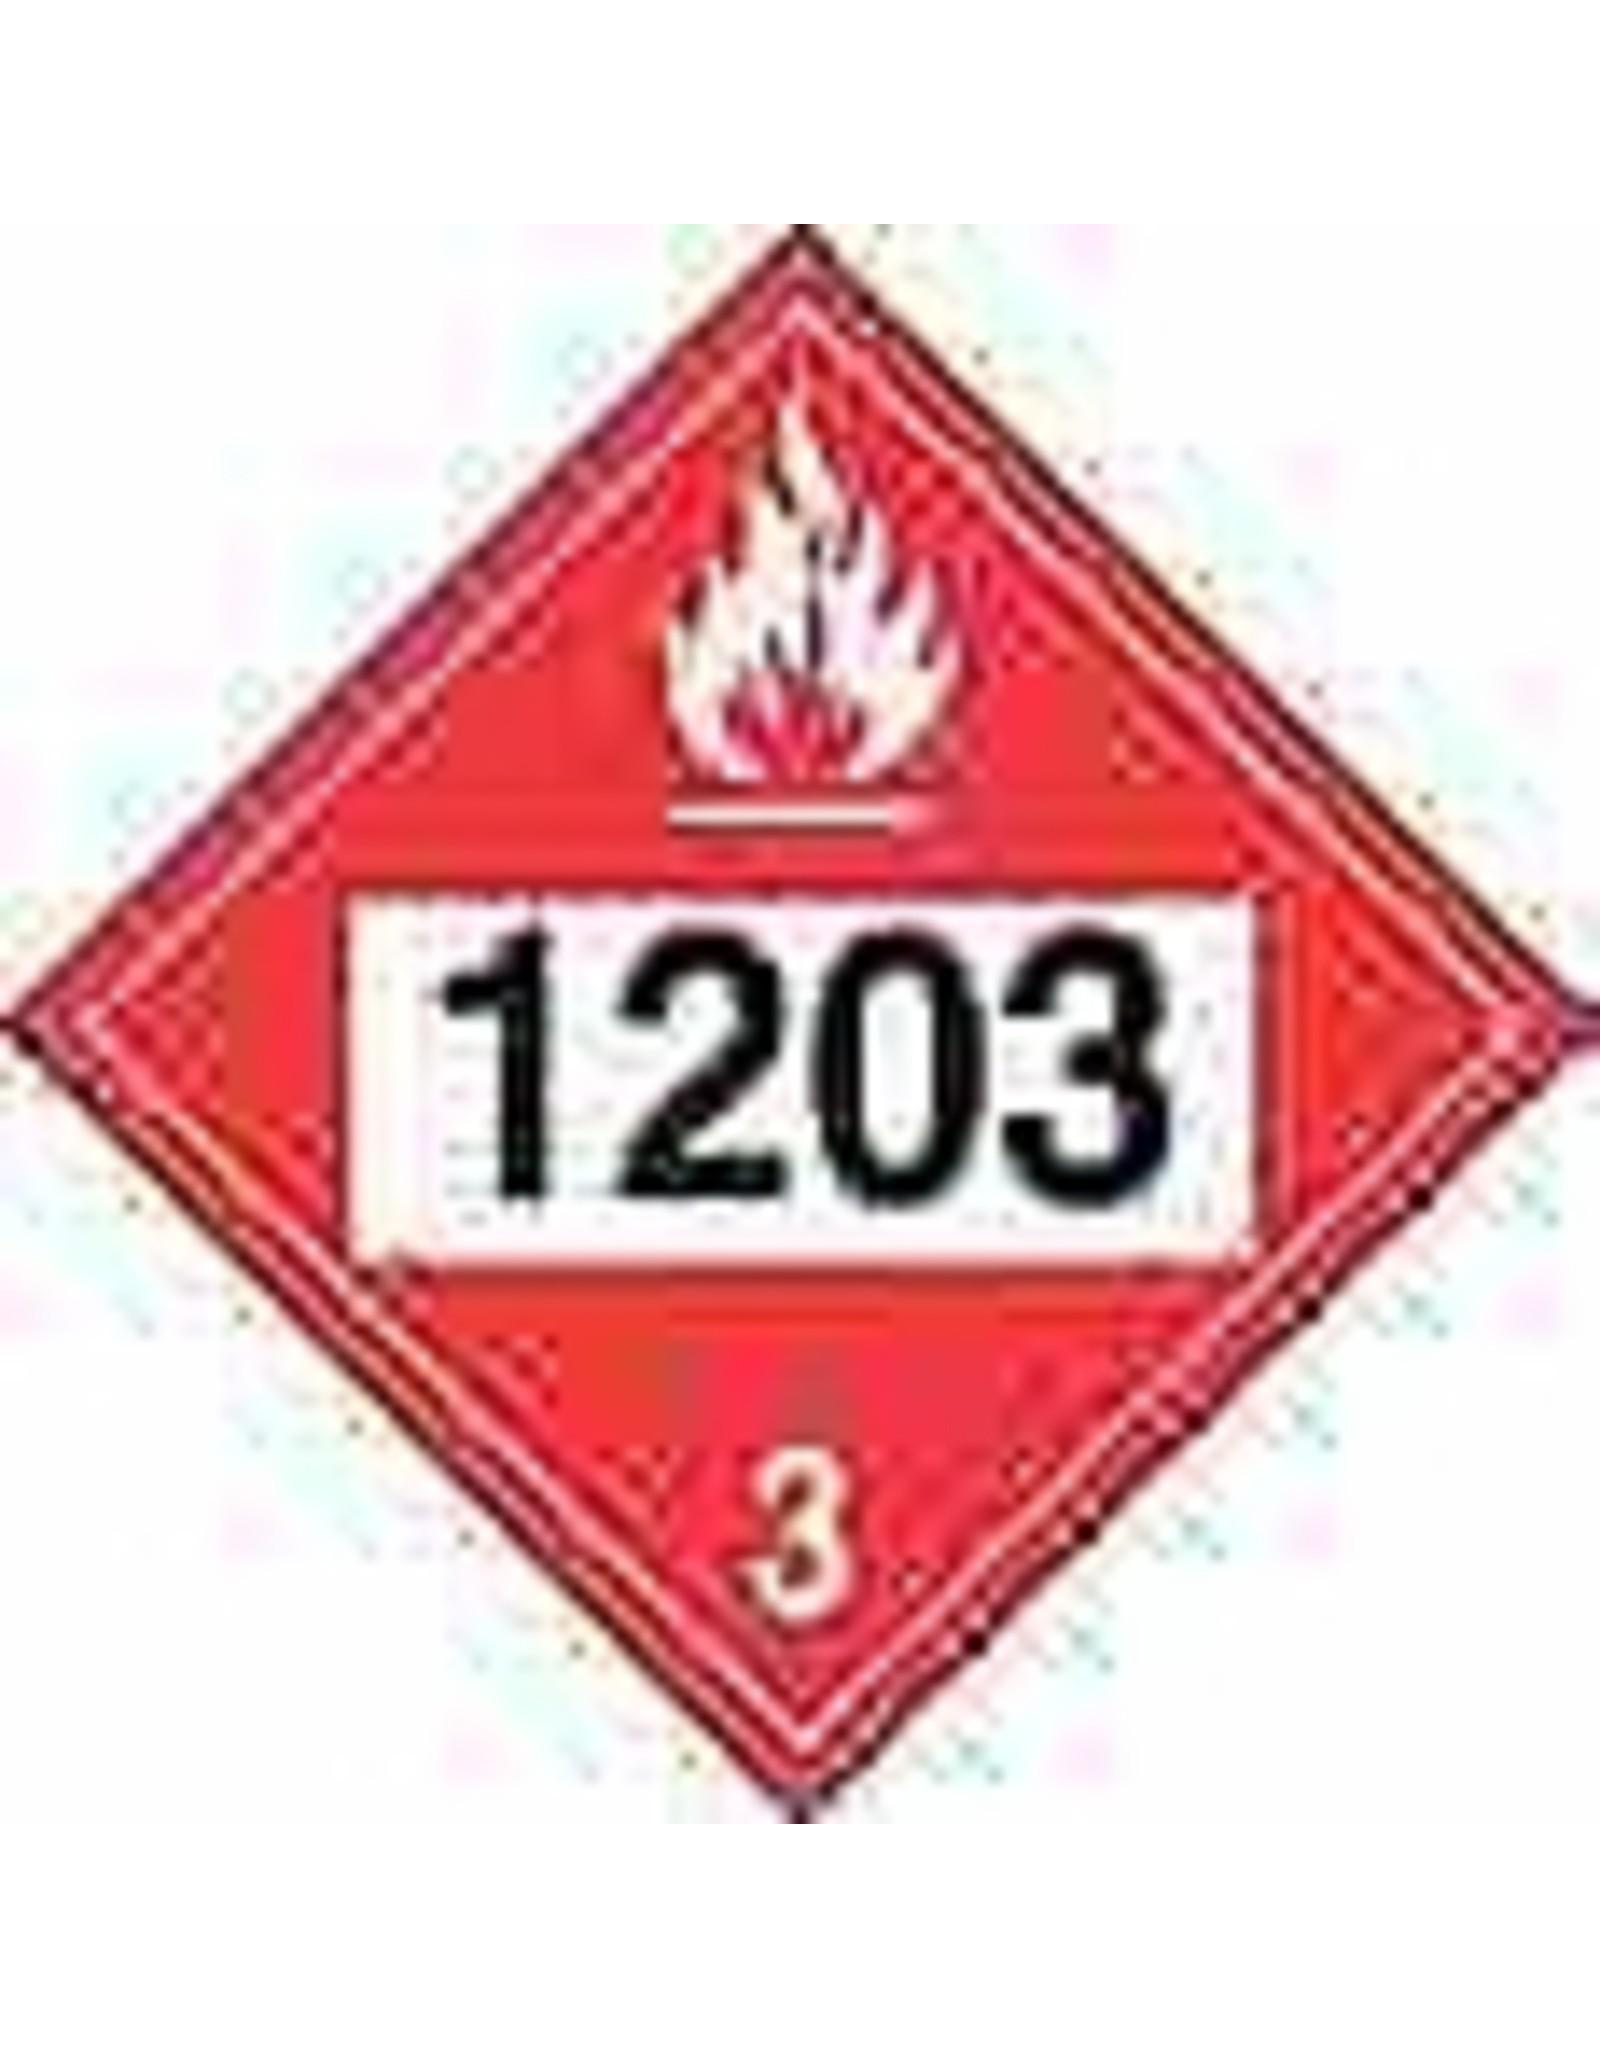 1203 (Gasoline) Placard - Plastic